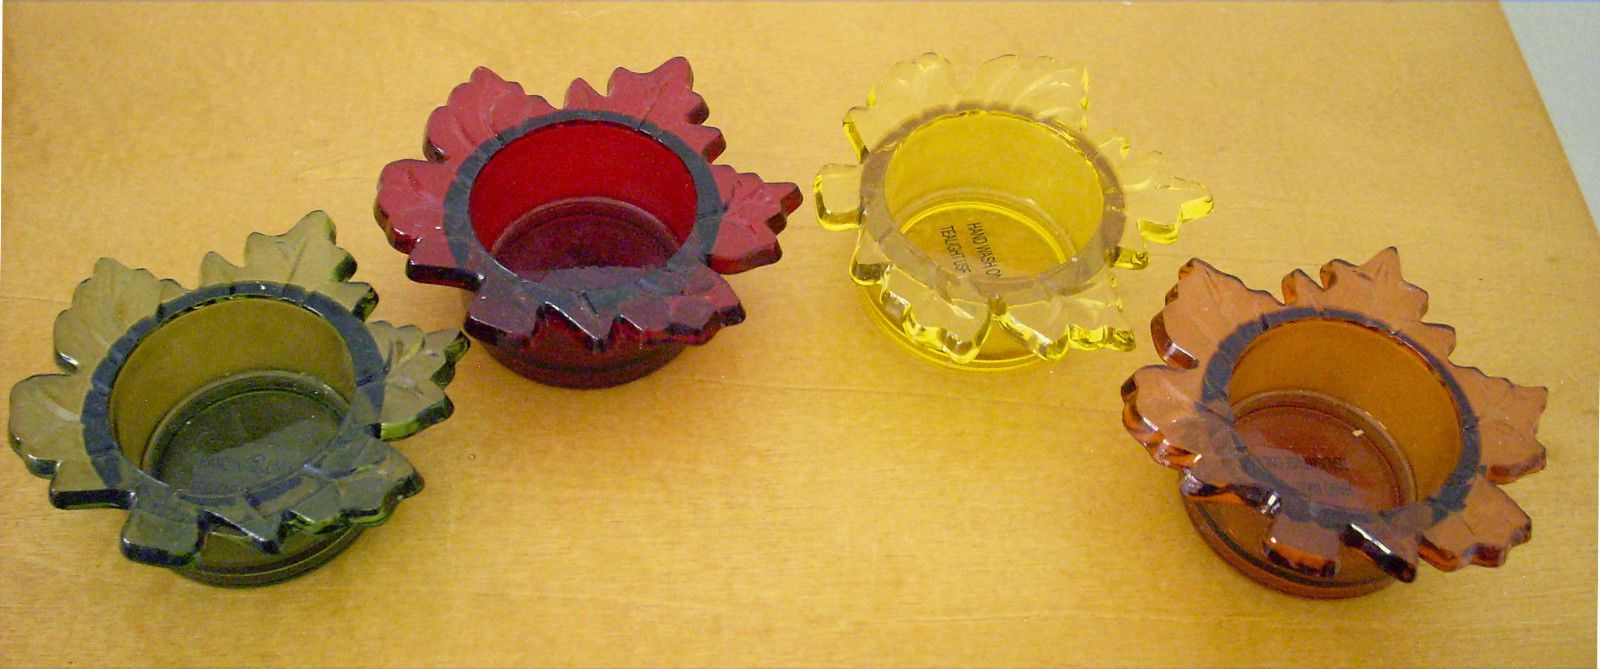 4 multi-colored leaf votive candleholder